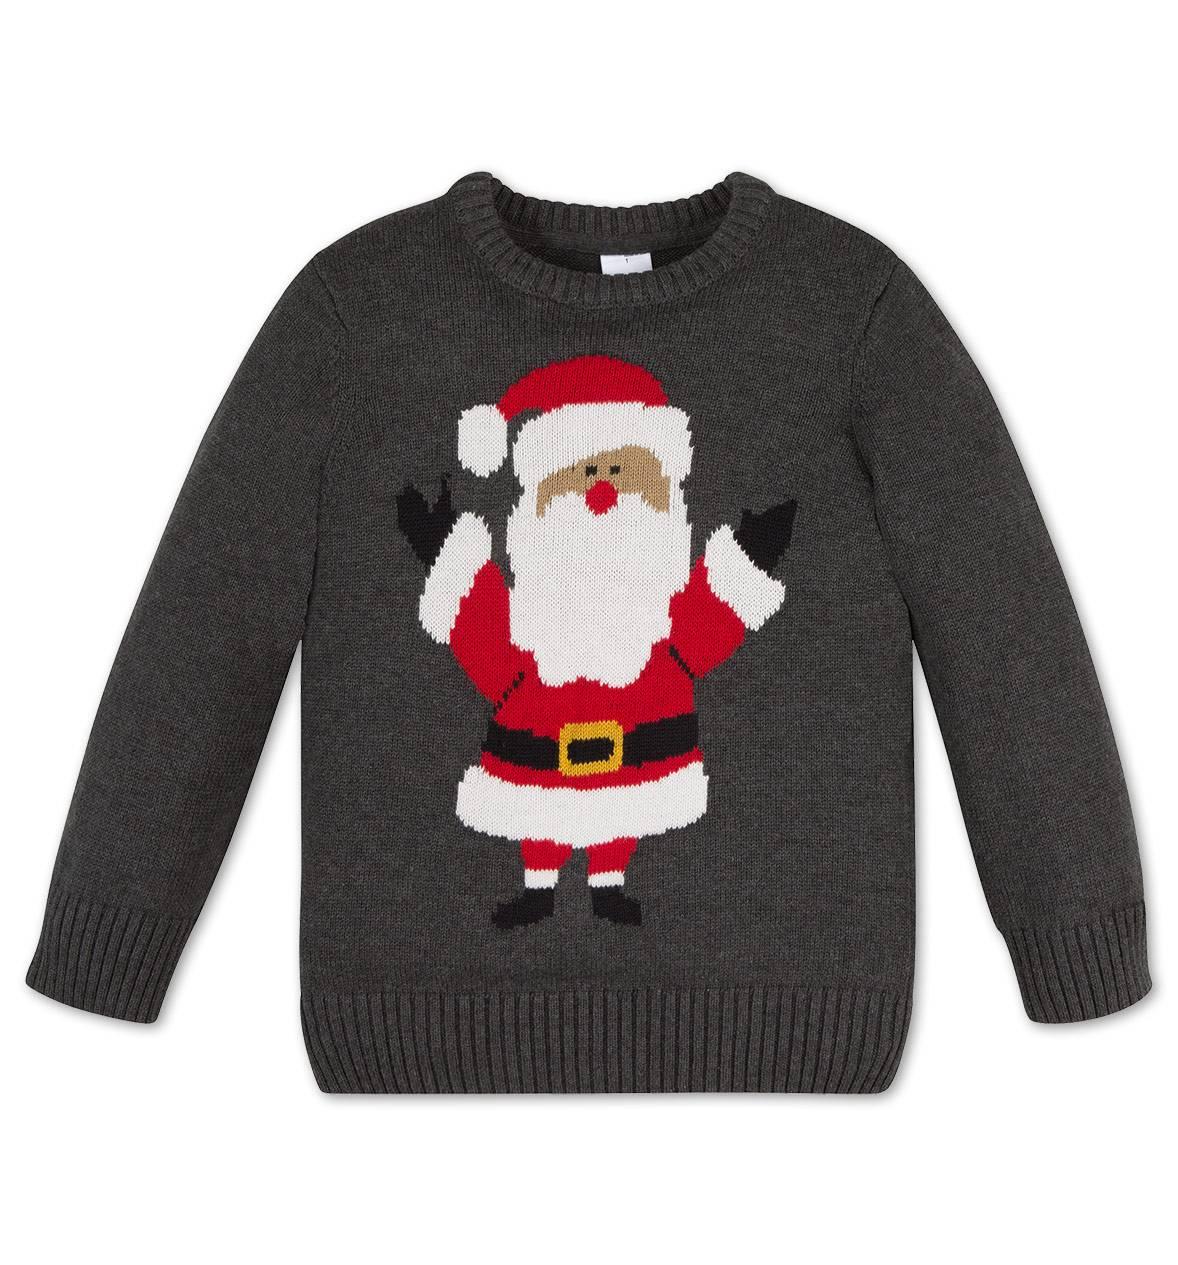 Foute Kersttrui Kopen Primark.20 X De Leukste Kersttruien Mommyhood